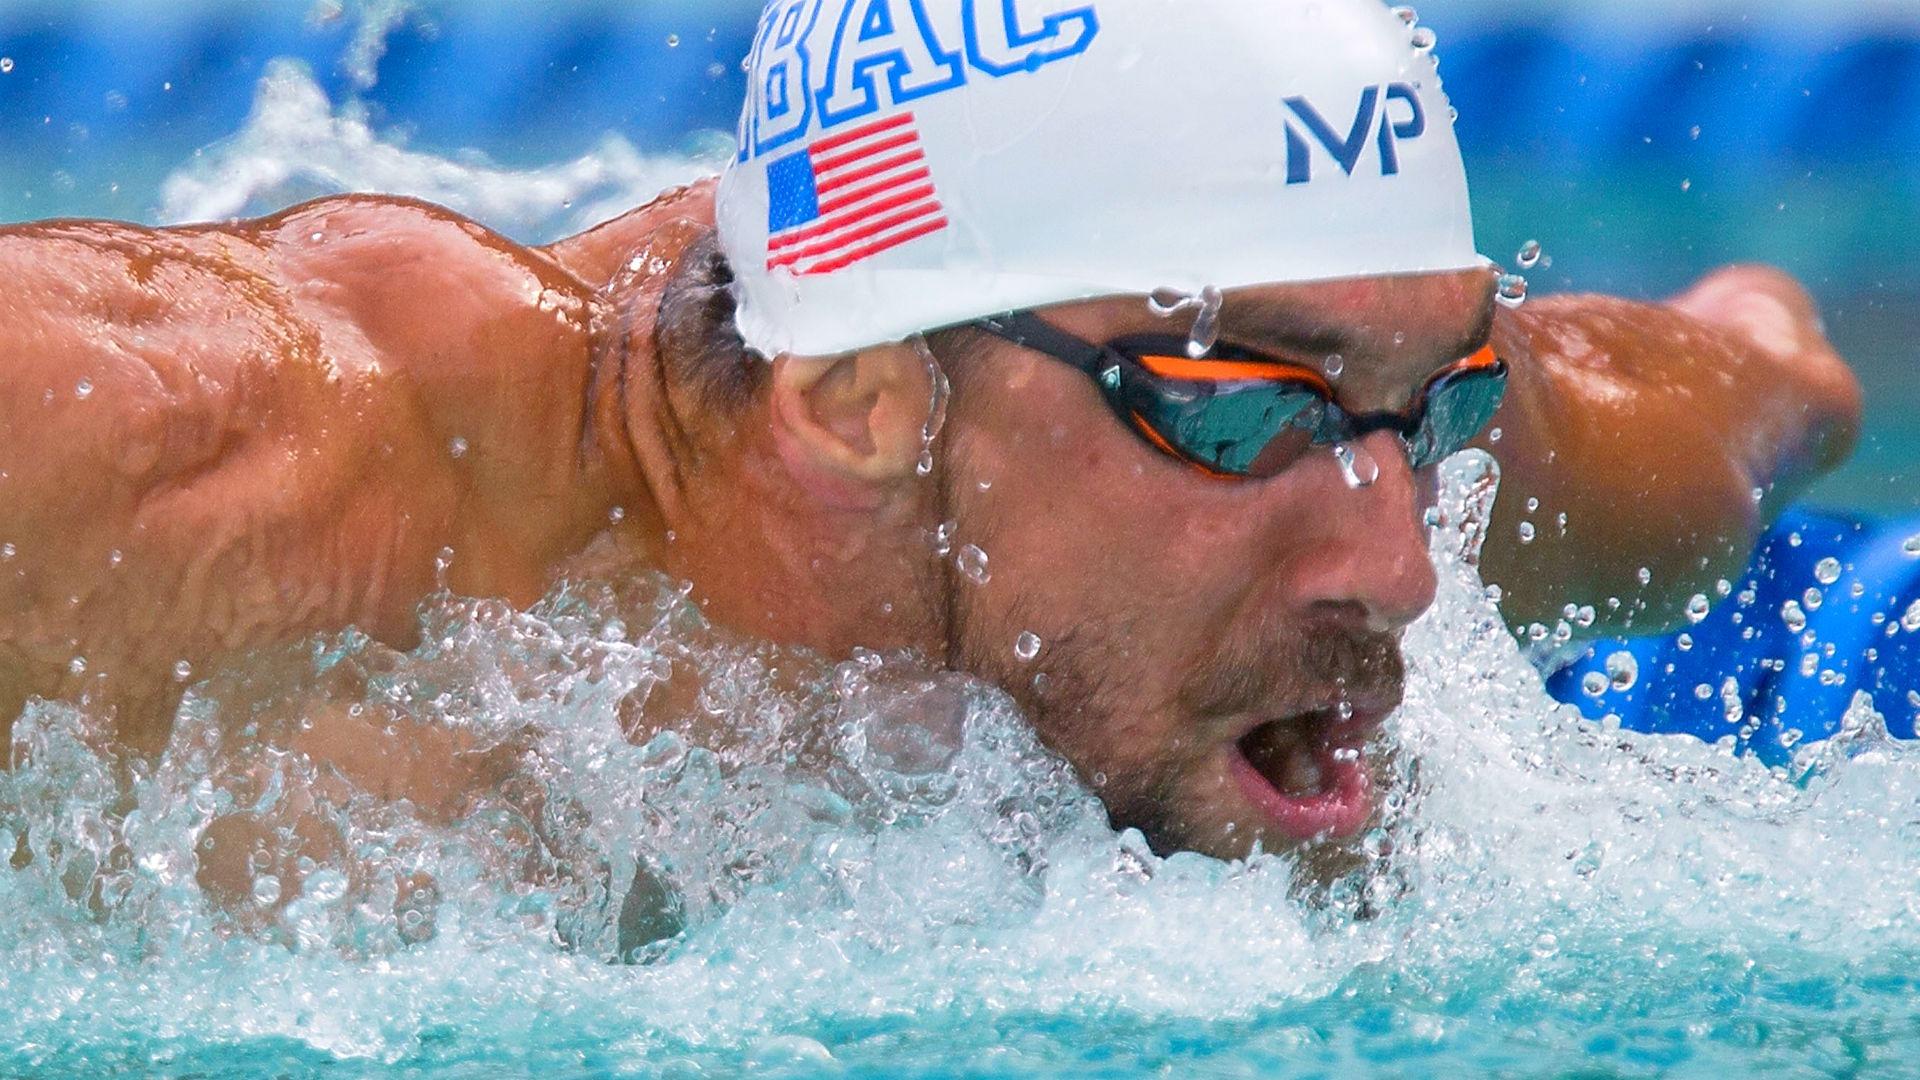 Michael Phelps a câștigat medalii de aur la cinci ediții ale Jocurilor Olimpice (Wikimedia Commons)